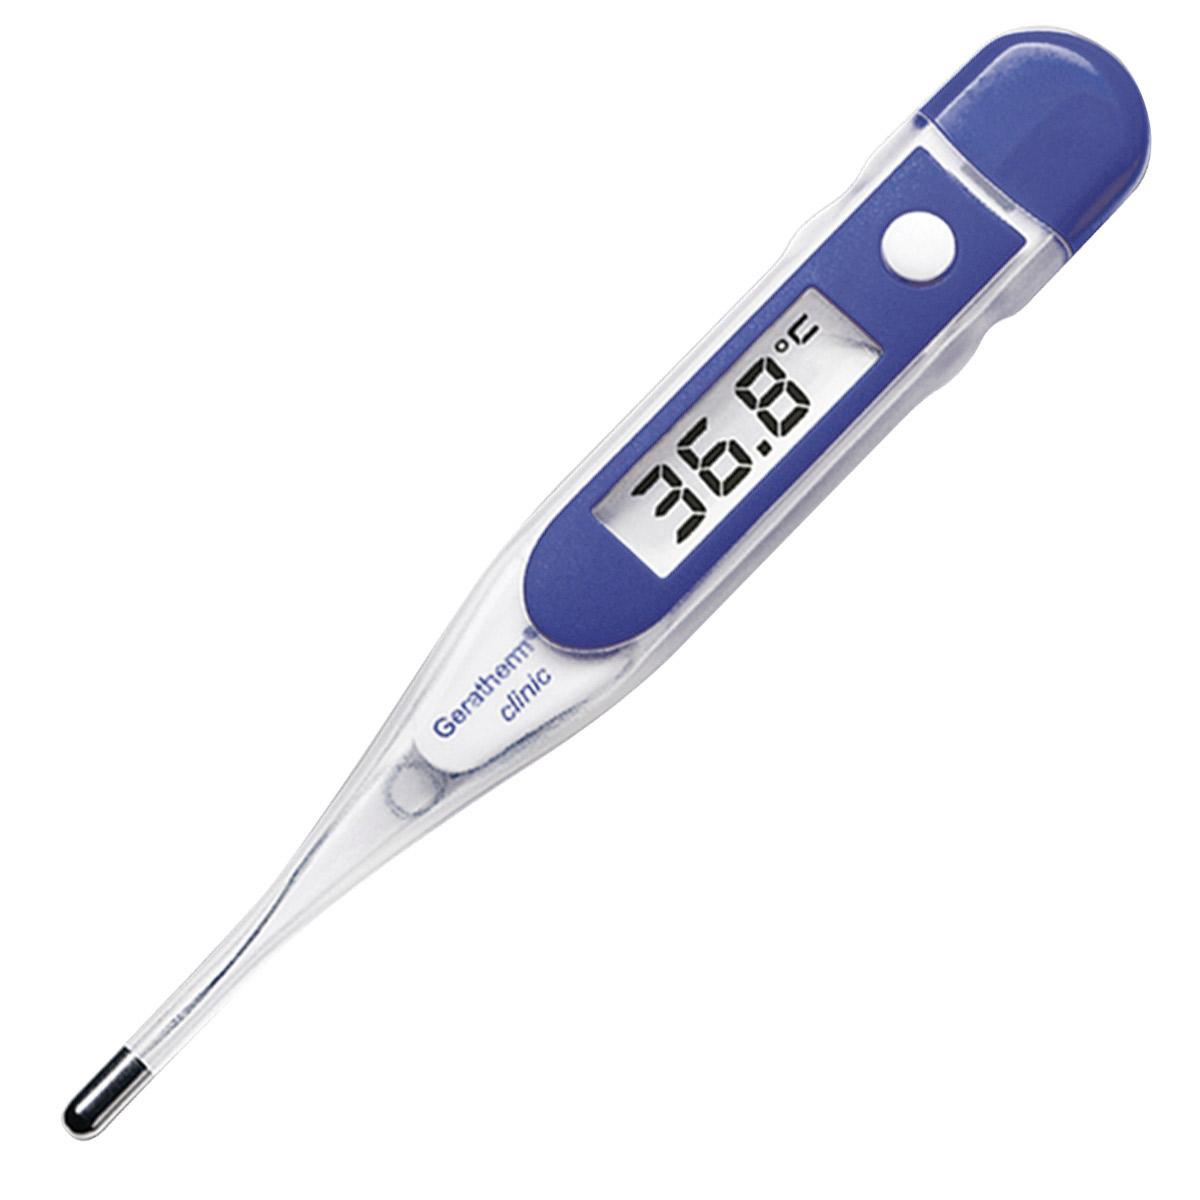 Geratherm Электронный термометр  Clinic  -  Термометры